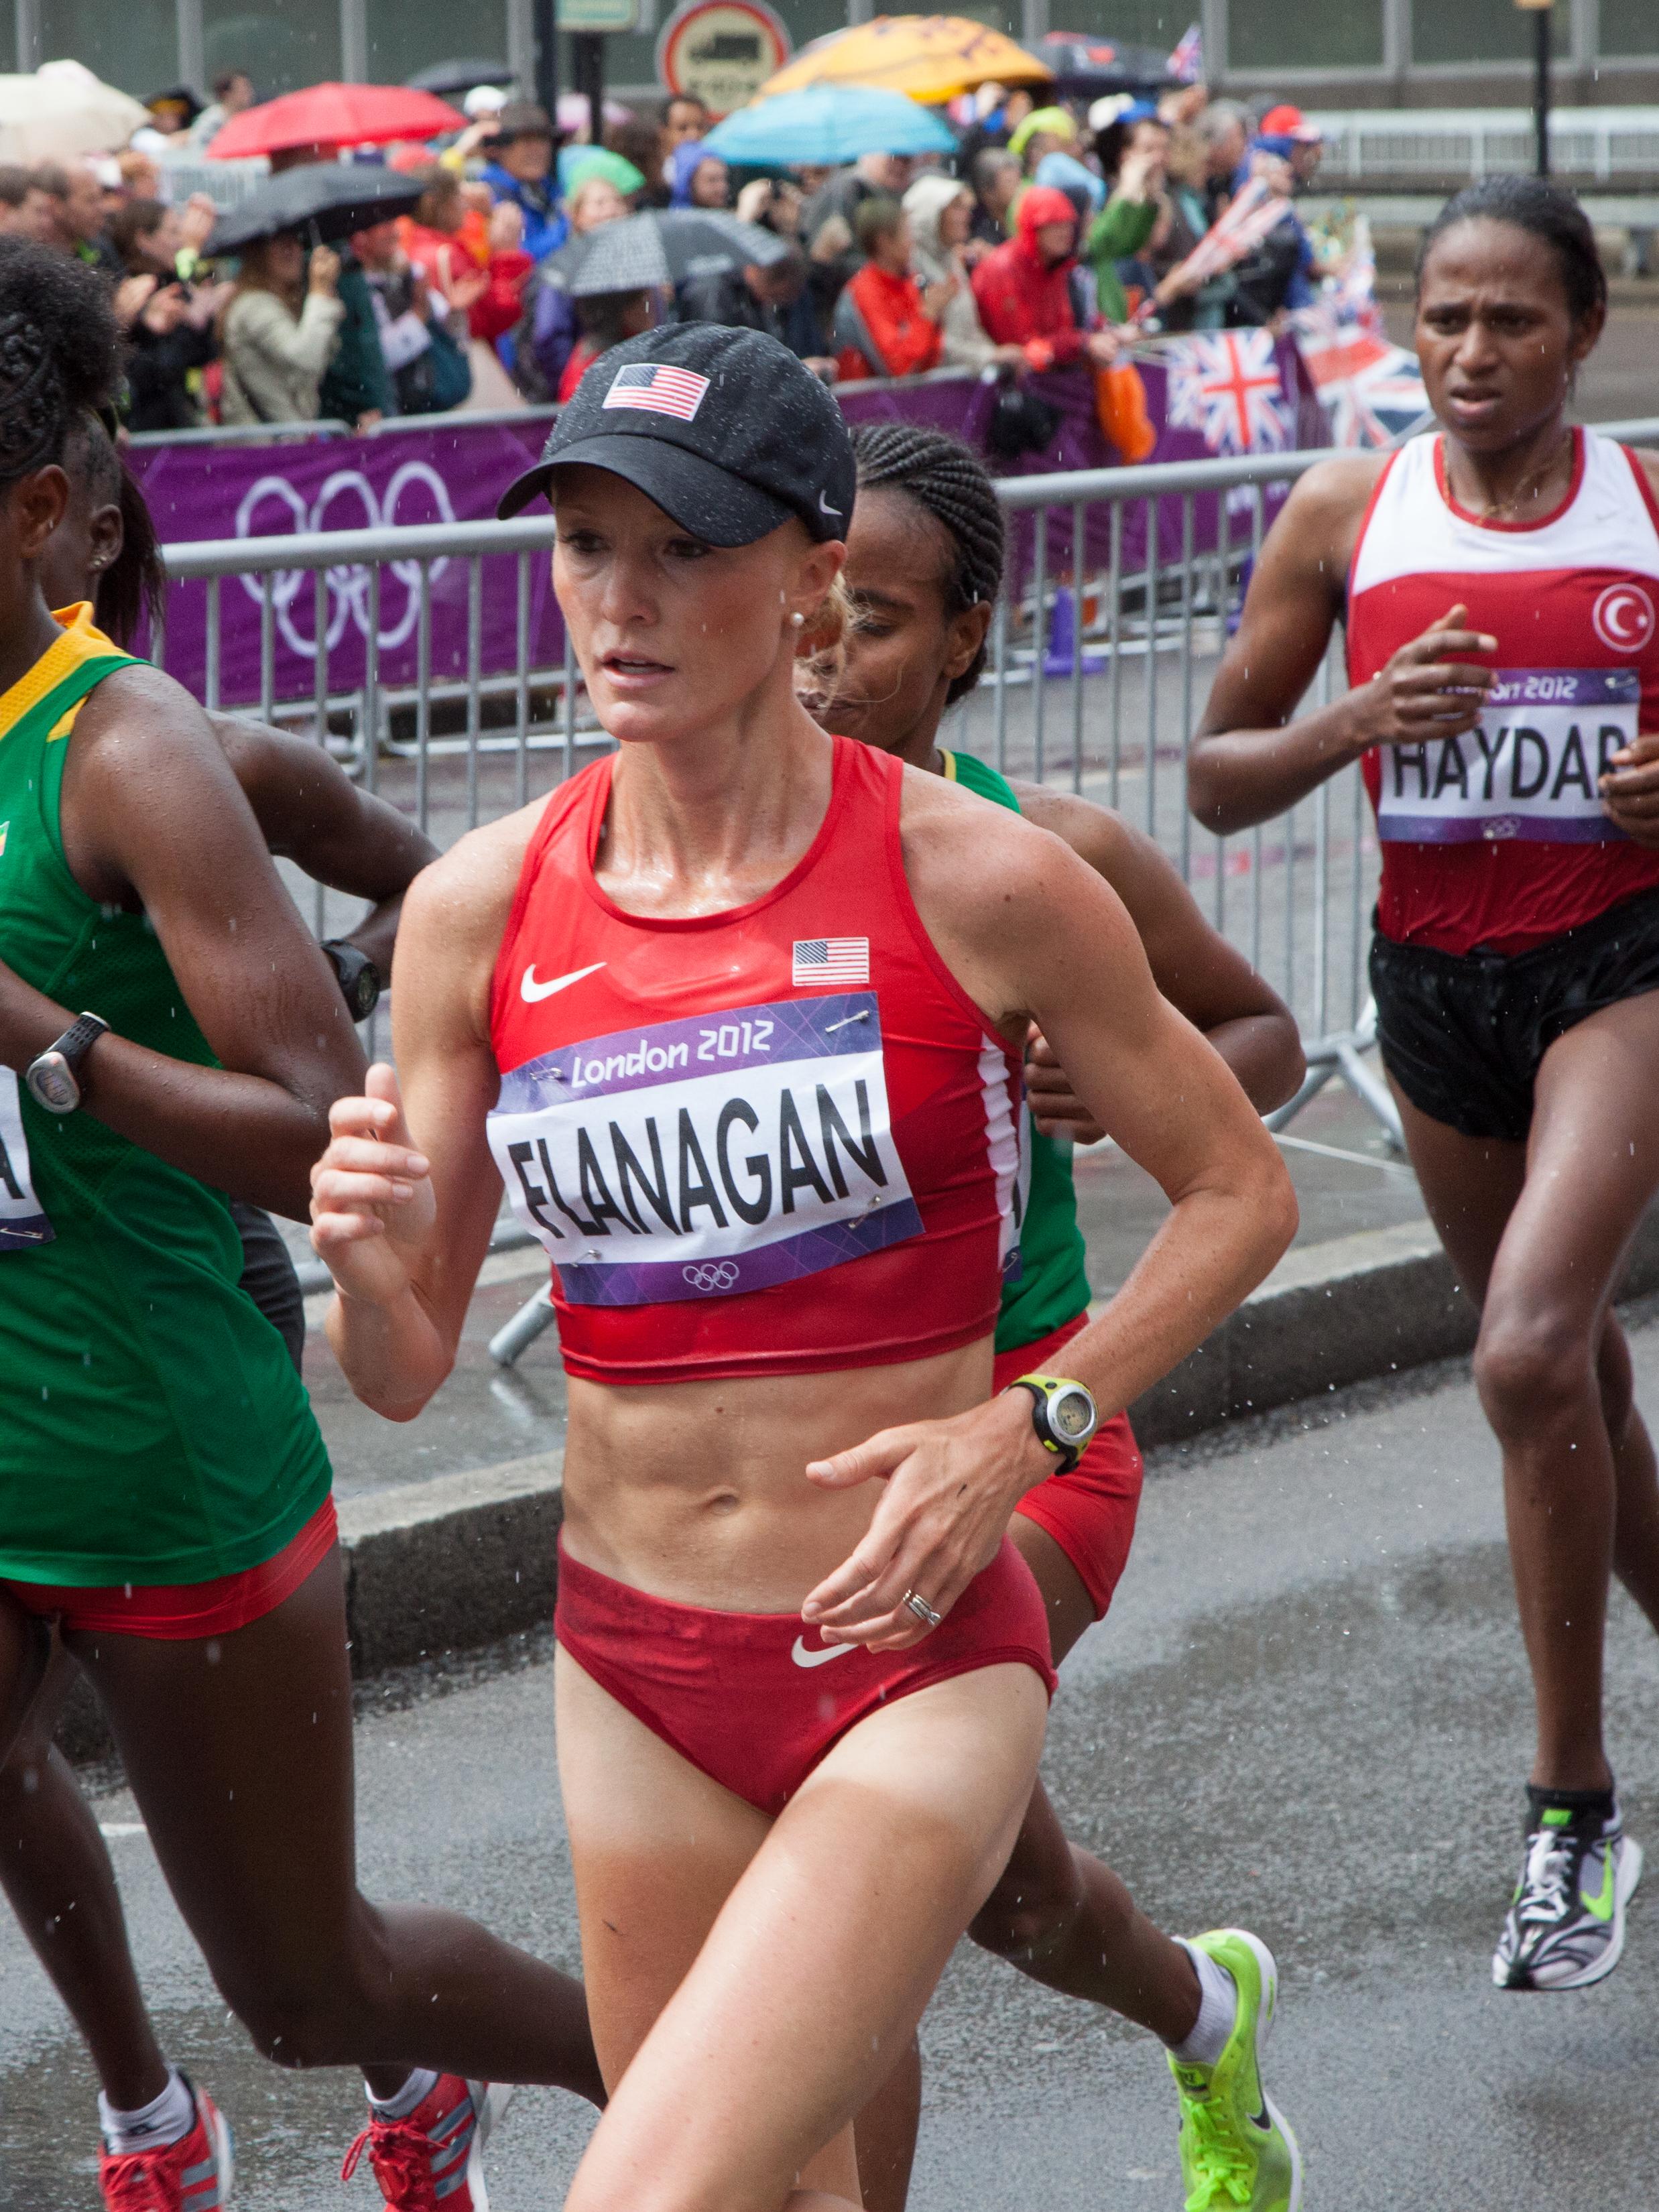 Shalane Flanagan - Wikipedia